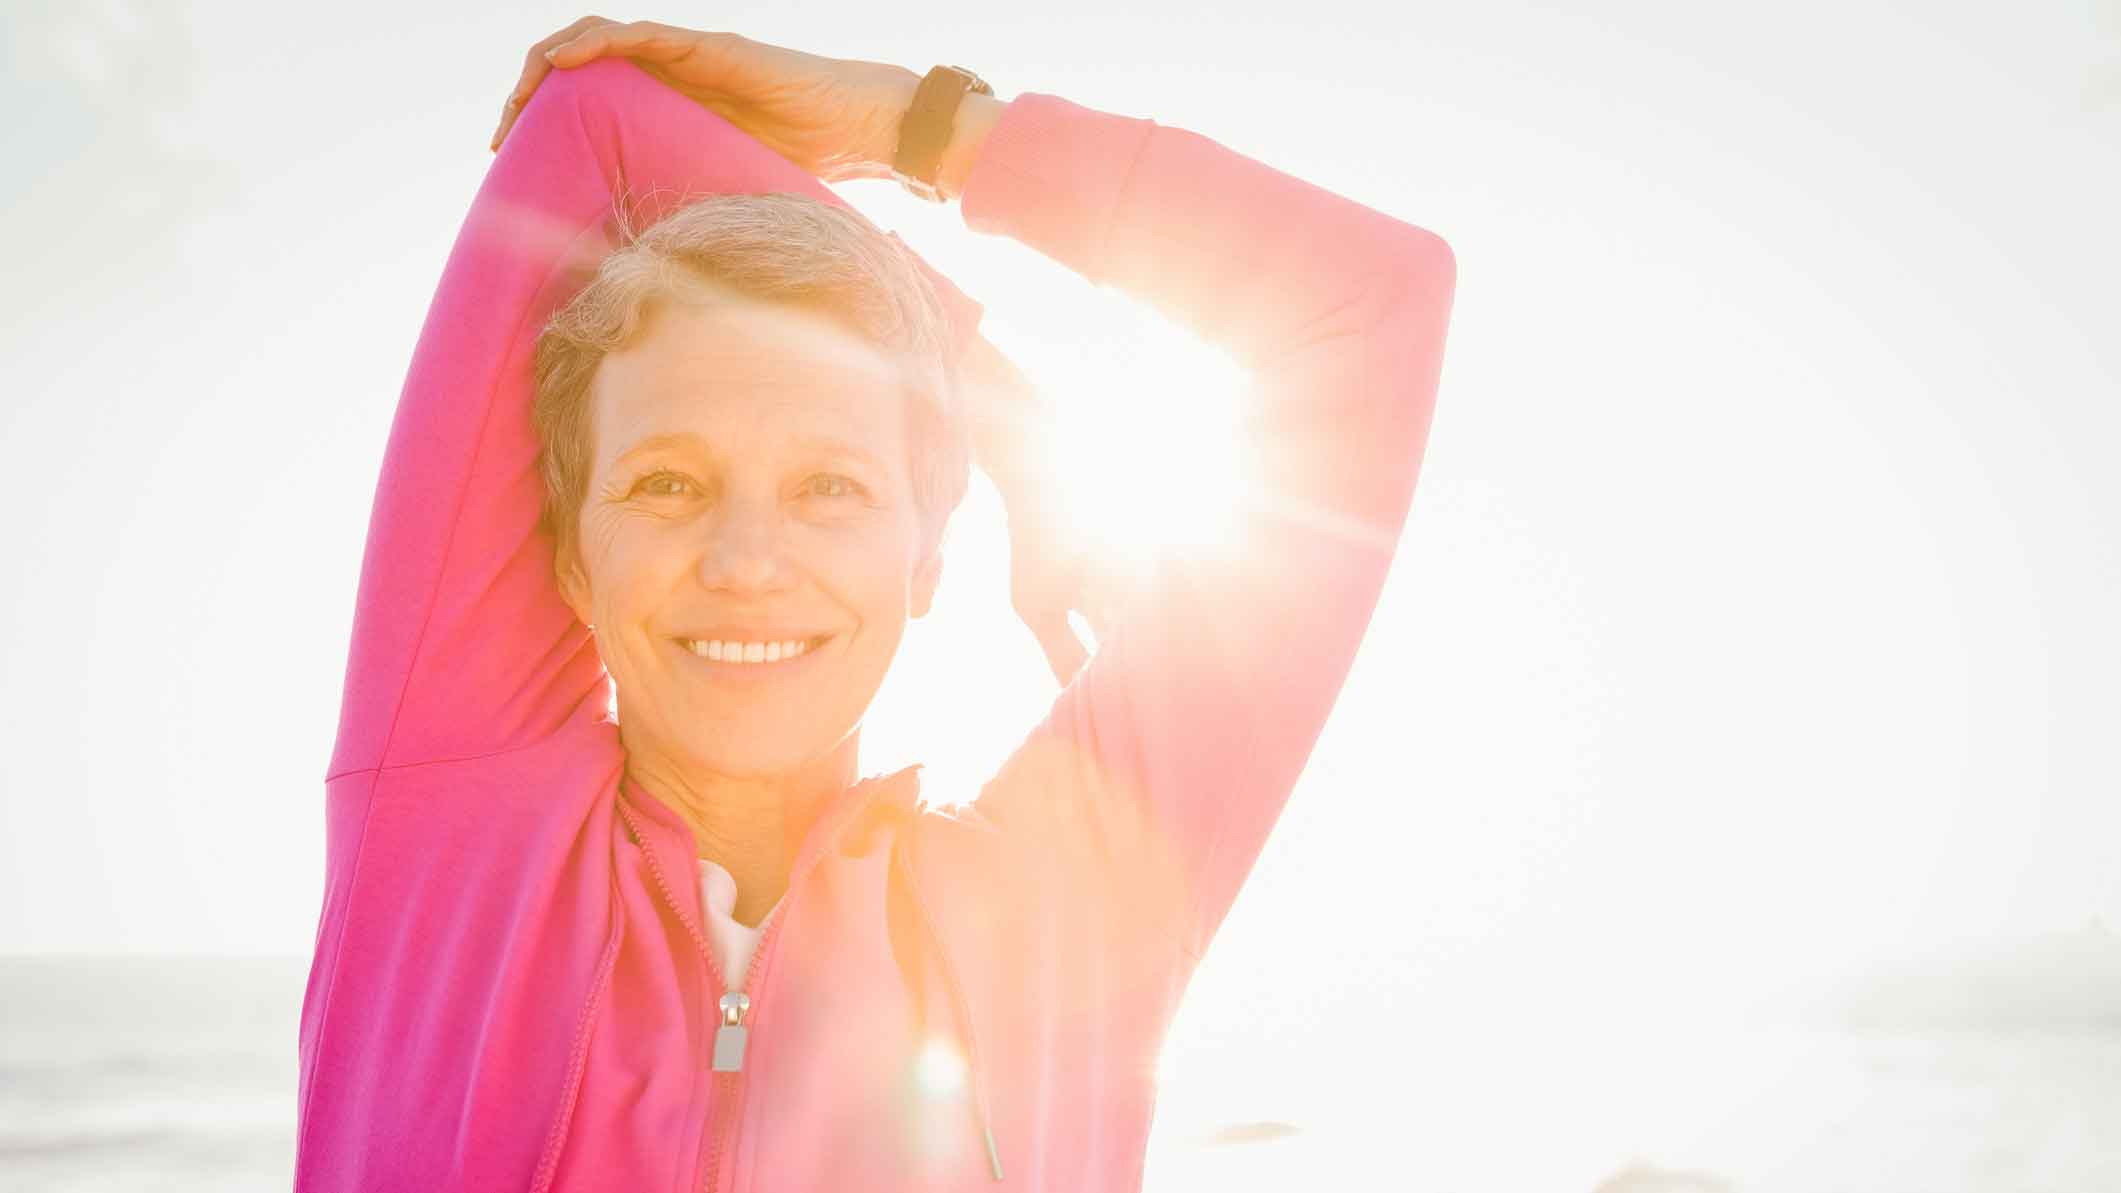 Wechseljahre: Was passiert im Körper und was hilft wirklich?